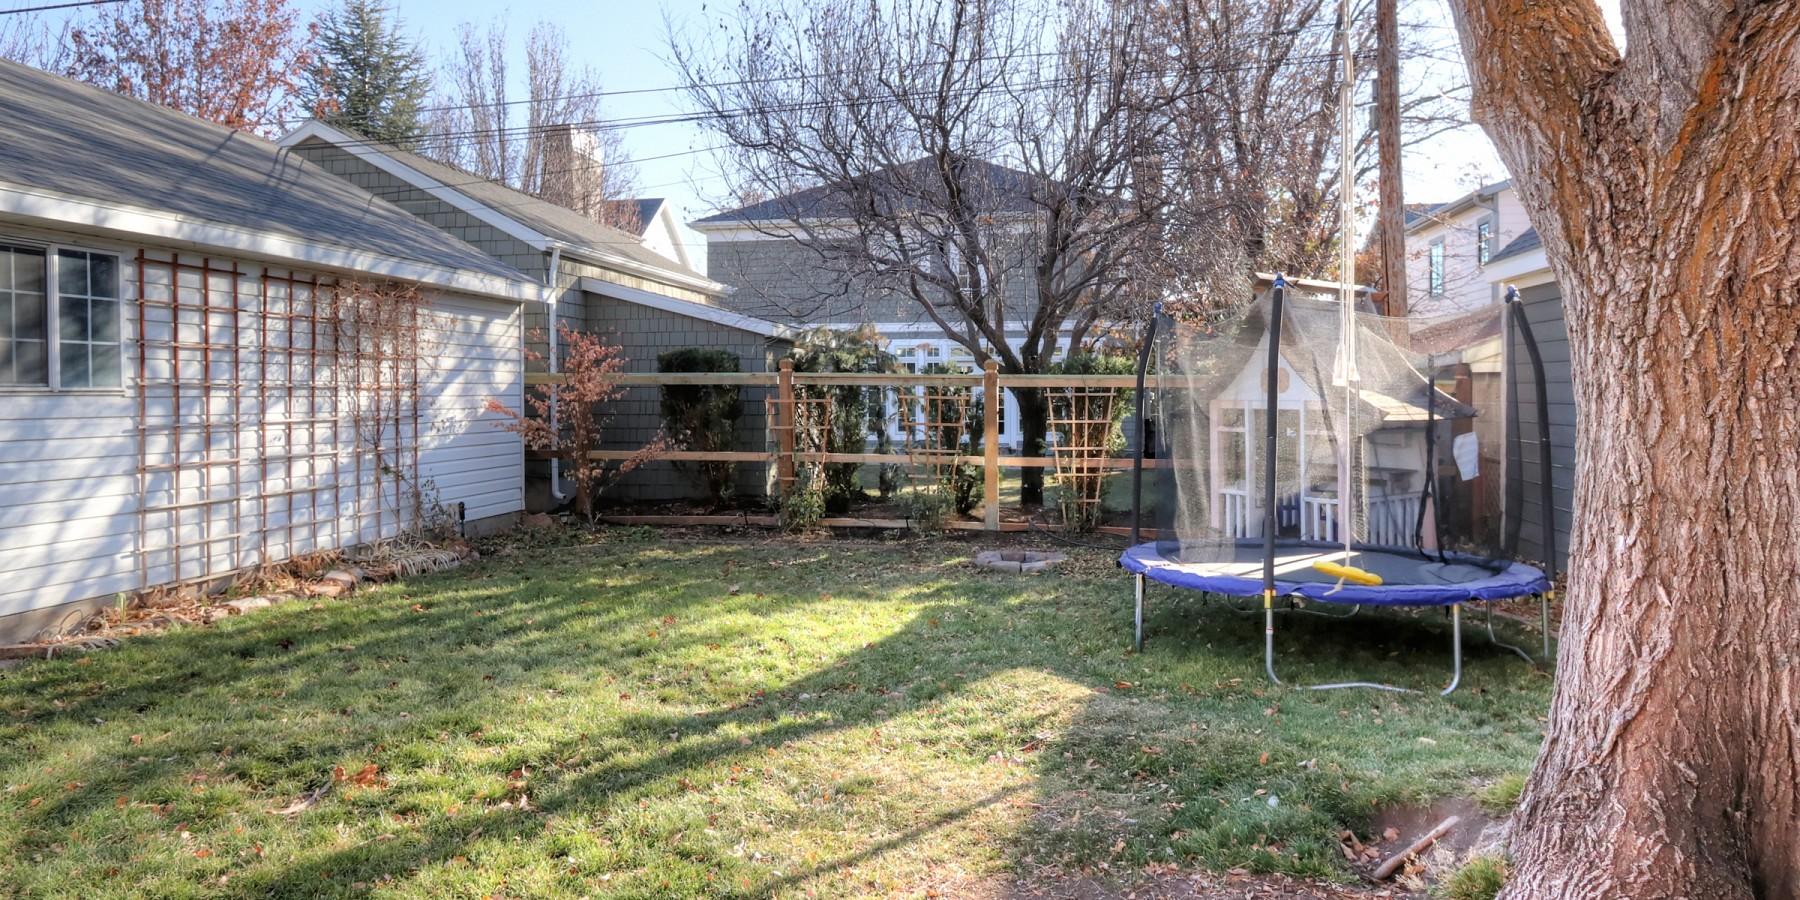 1838 E. Yalecrest Avenue, Salt Lake City, UT 84108